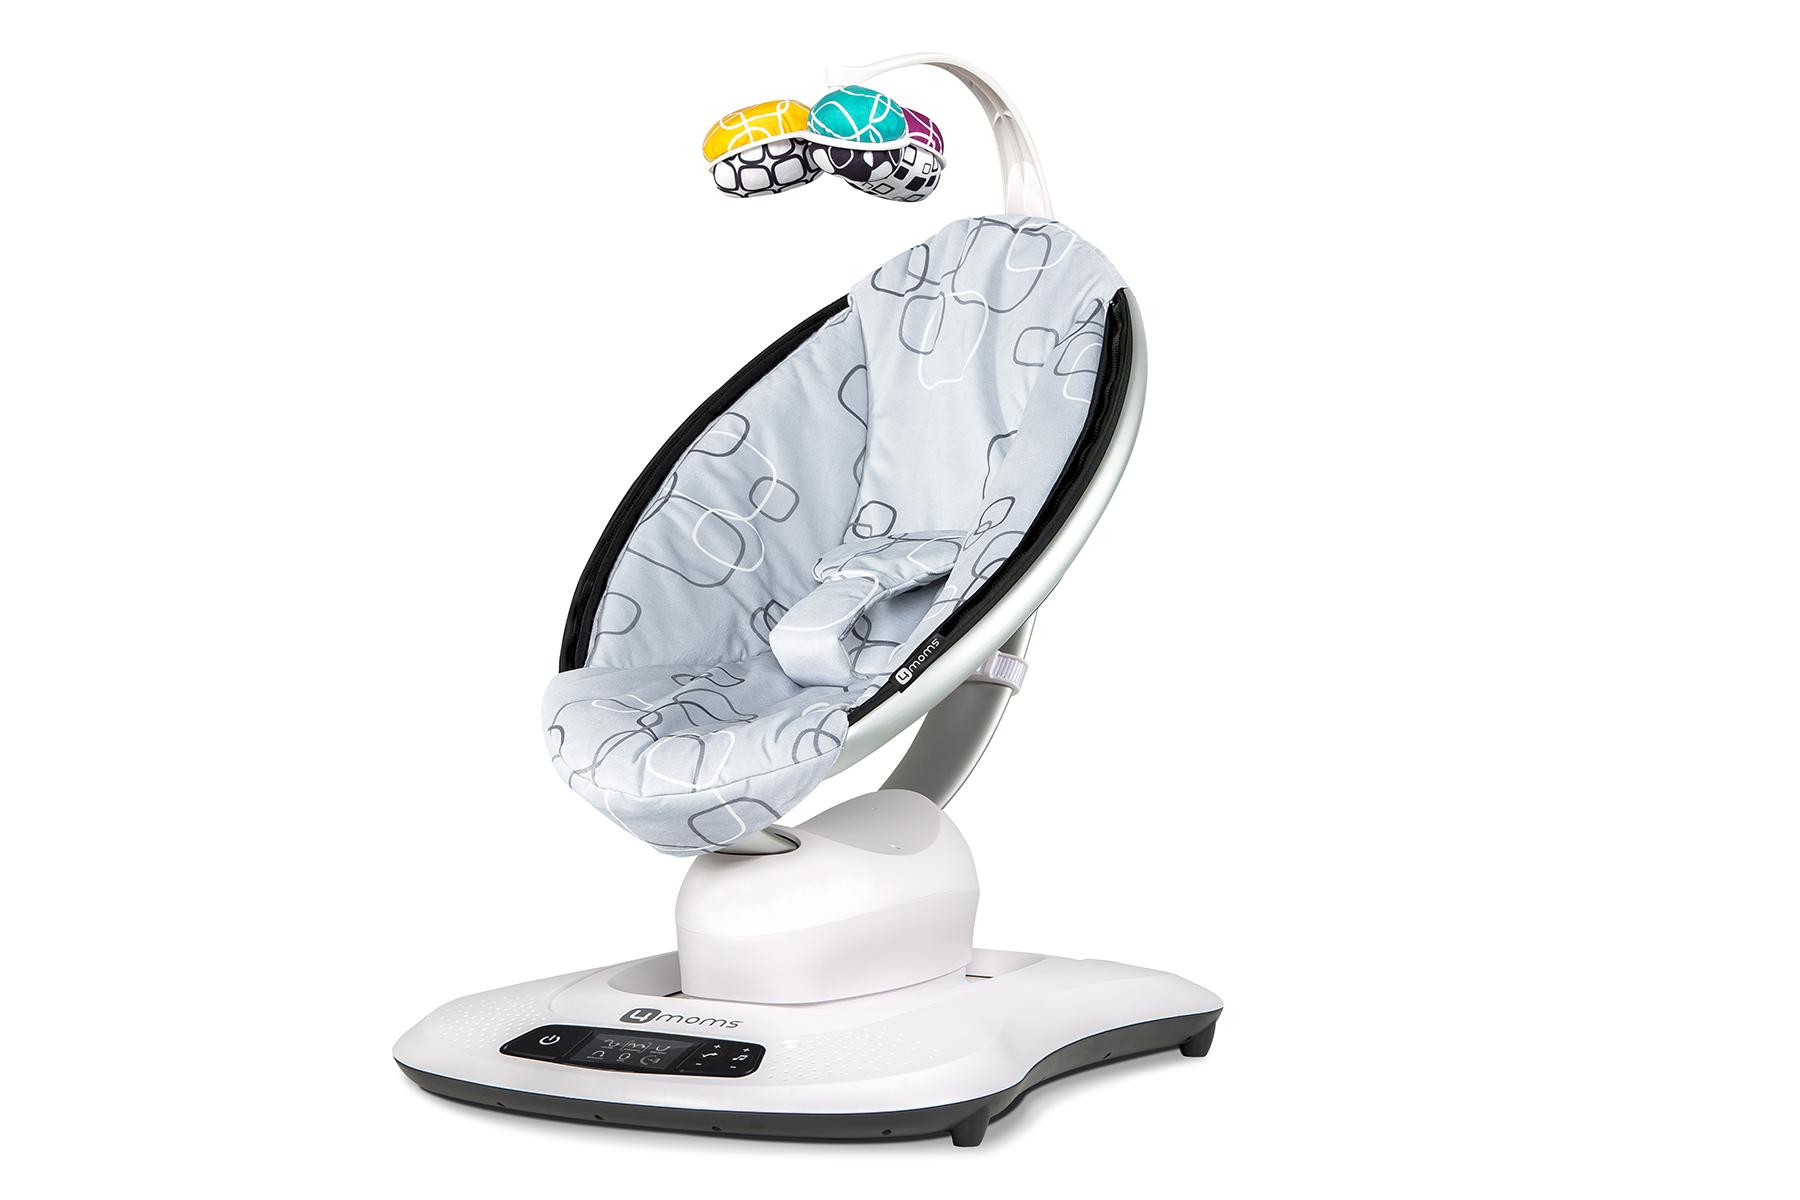 Качели для новорожденных 4moms MamaRoo 4.0 - серый плюш электронный шезлонг качалка 4moms mamaroo 4 серый плюш